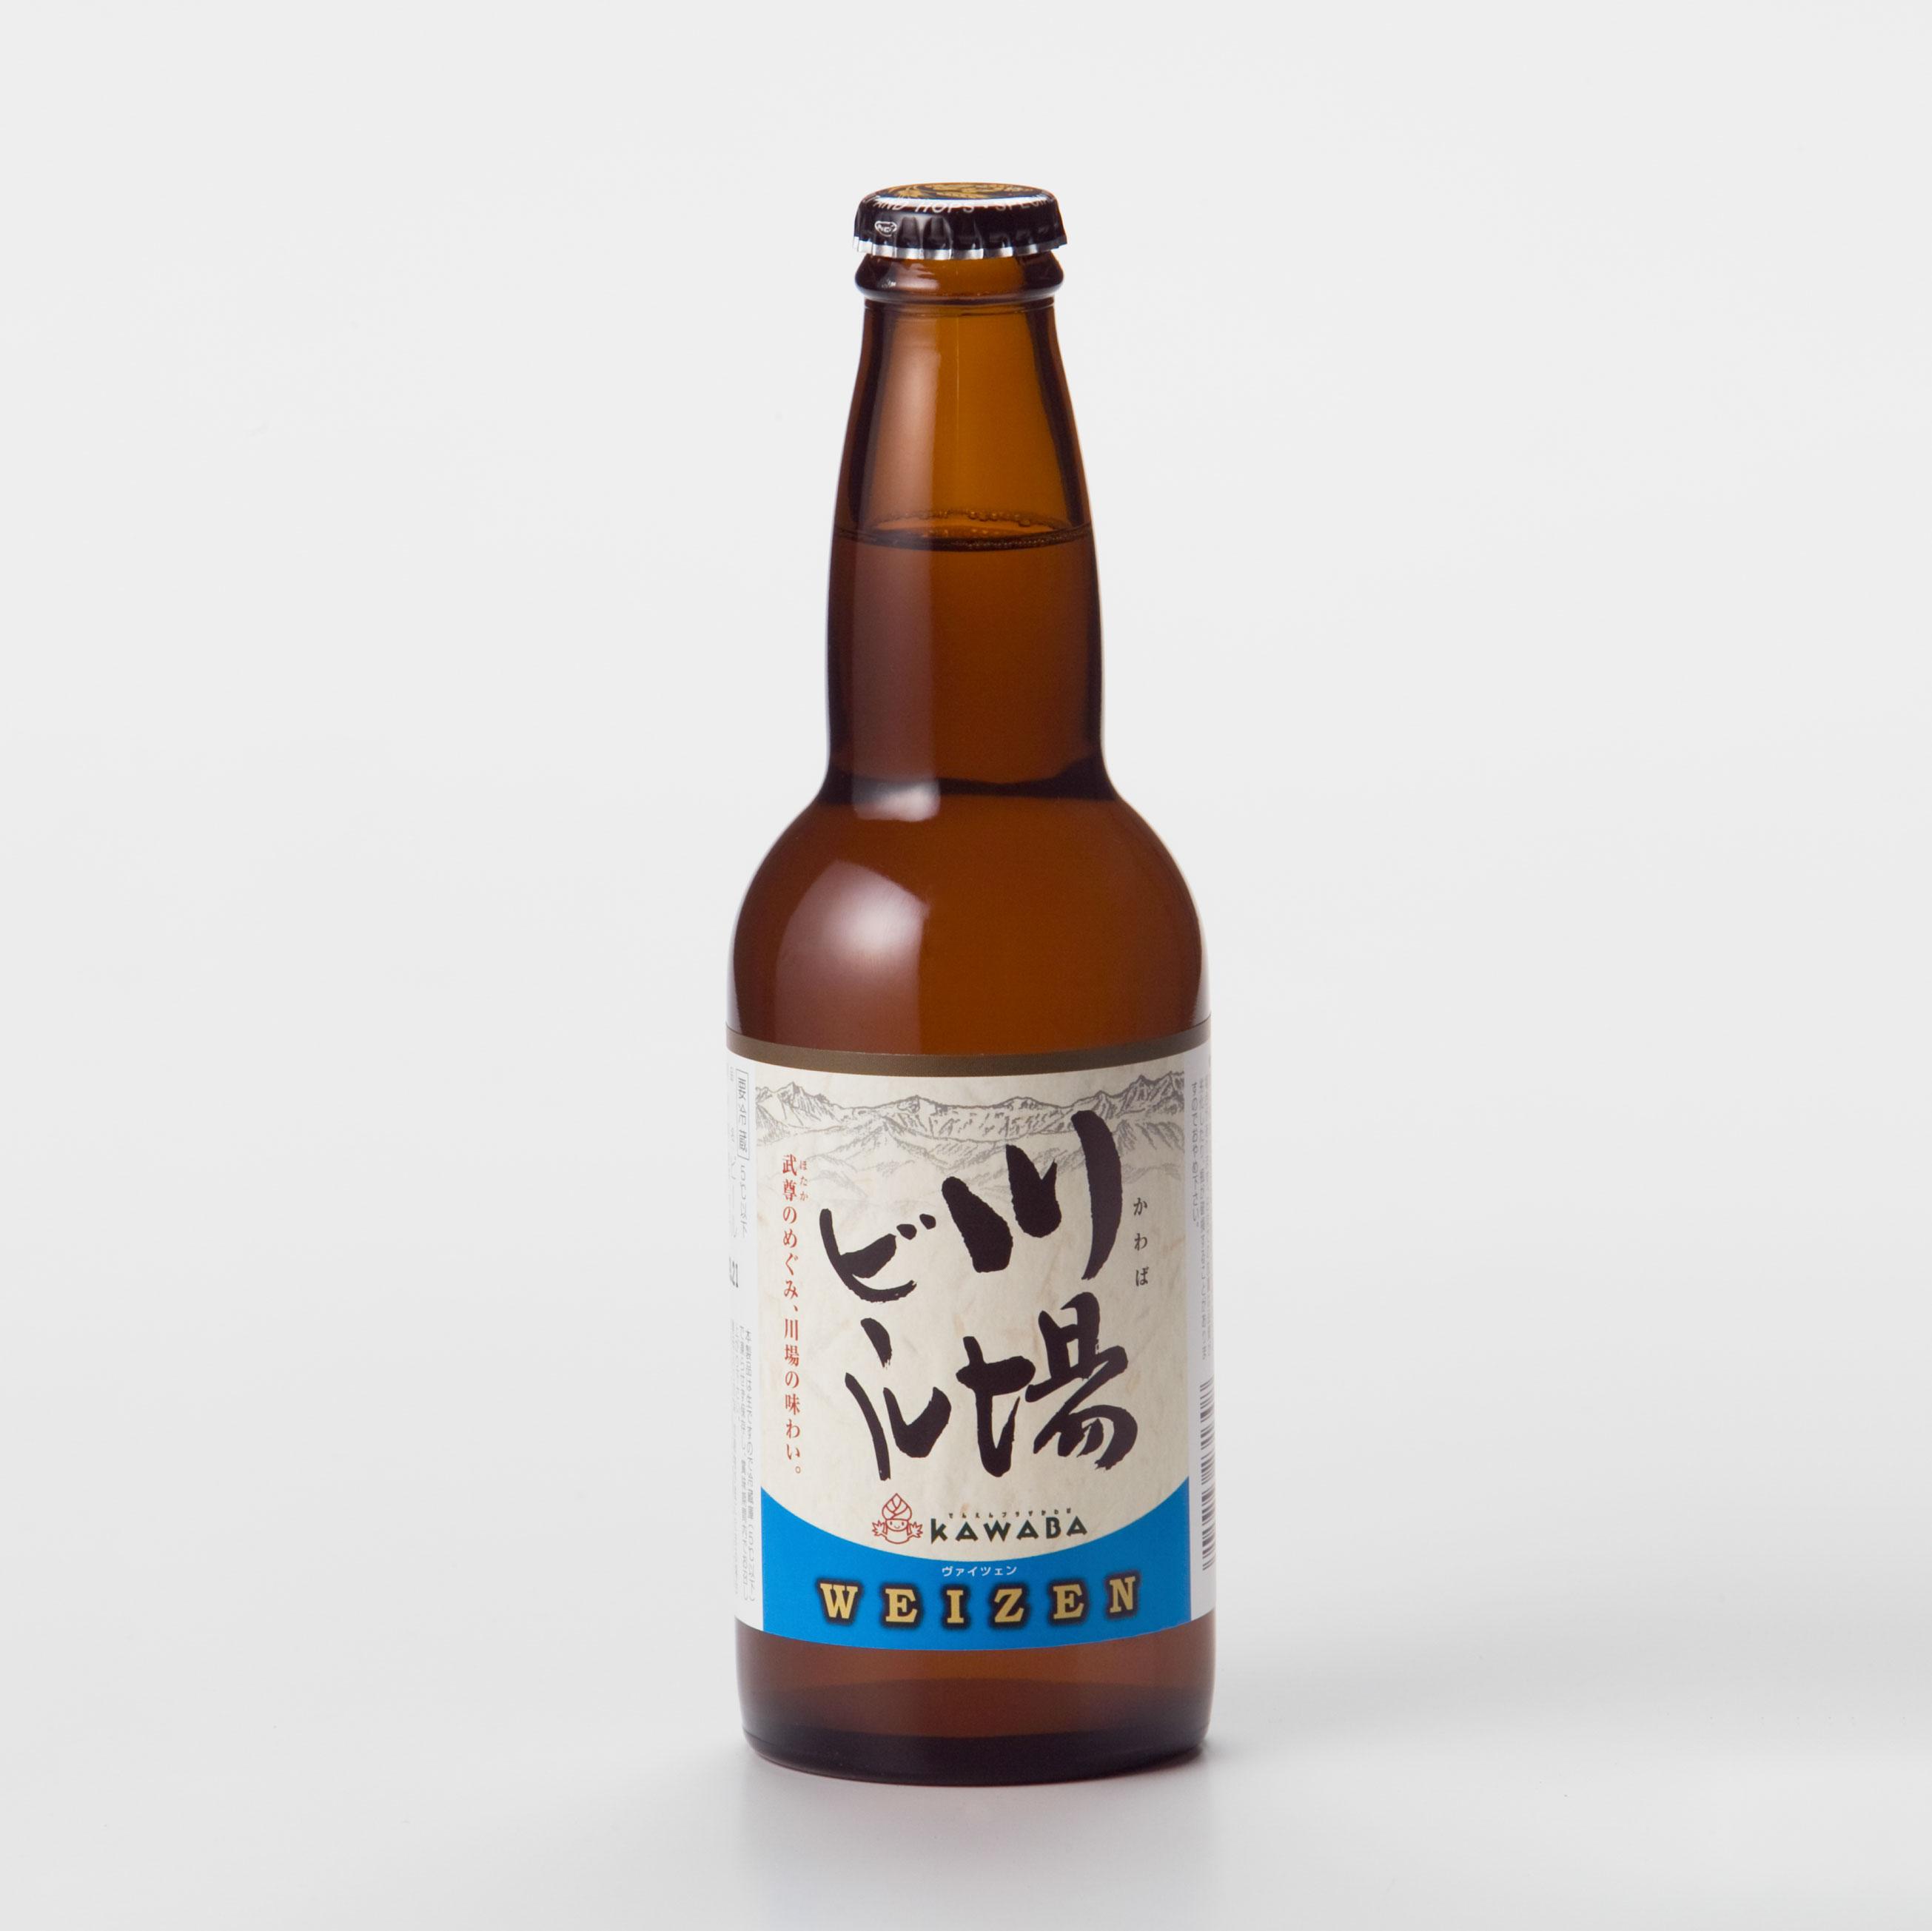 川場ビール(ヴァイツェン) プレミアムヨーグルト のむヨーグルトの商品詳細イメージ-125